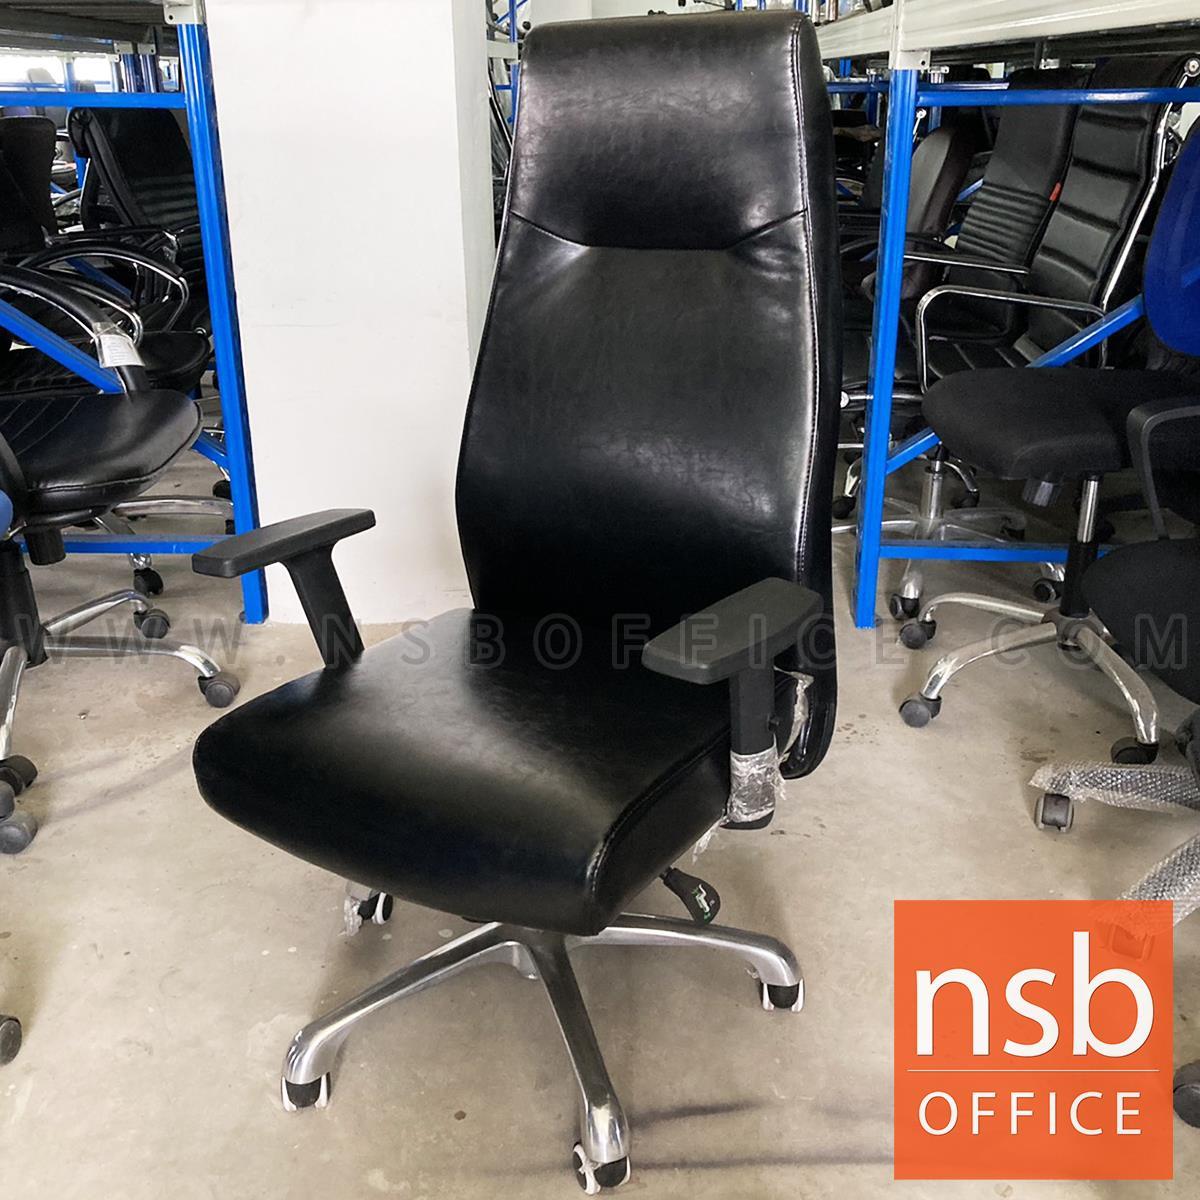 L02A358:เก้าอี้ผู้บริหาร   โช๊คแก๊ส มีก้อนโยก ขาเหล็กชุบโครเมี่ยม